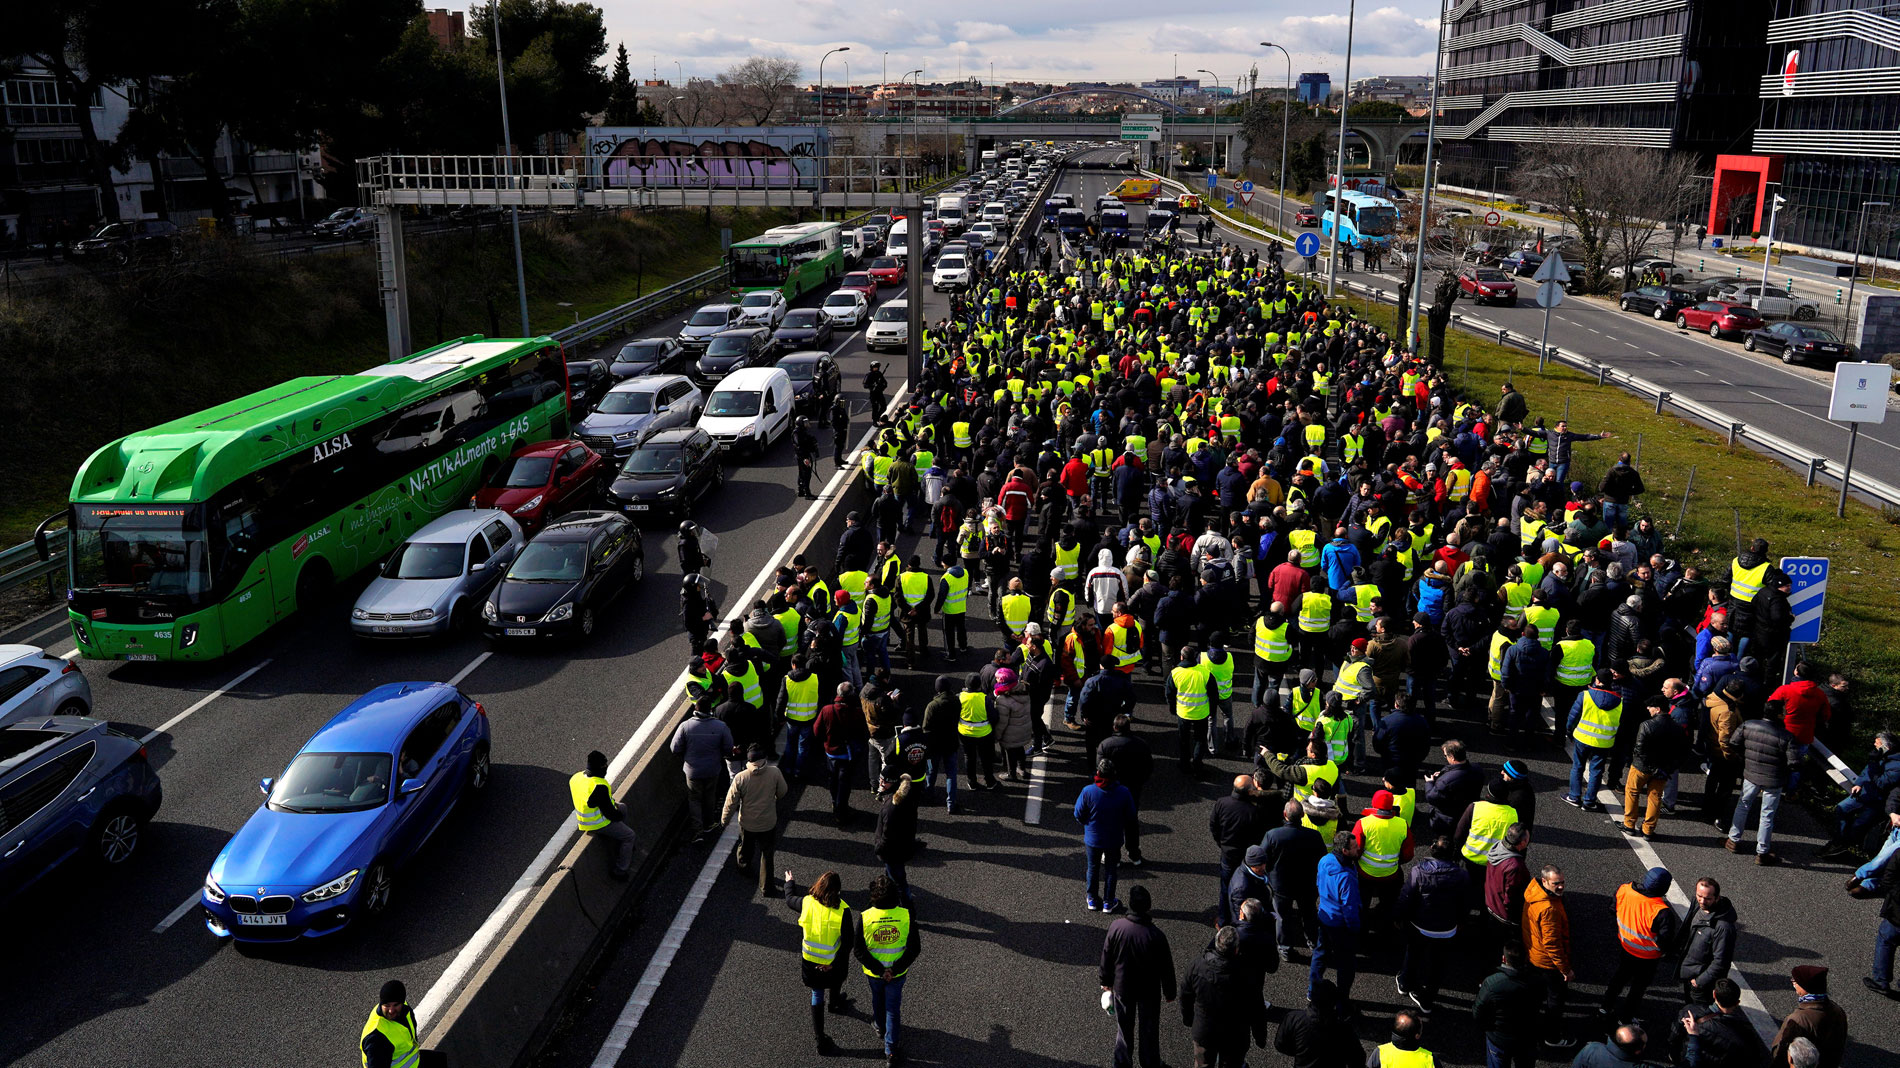 Los taxistas de Madrid vuelven a bloquear calles y carreteras para exigir la regulación de los VTC